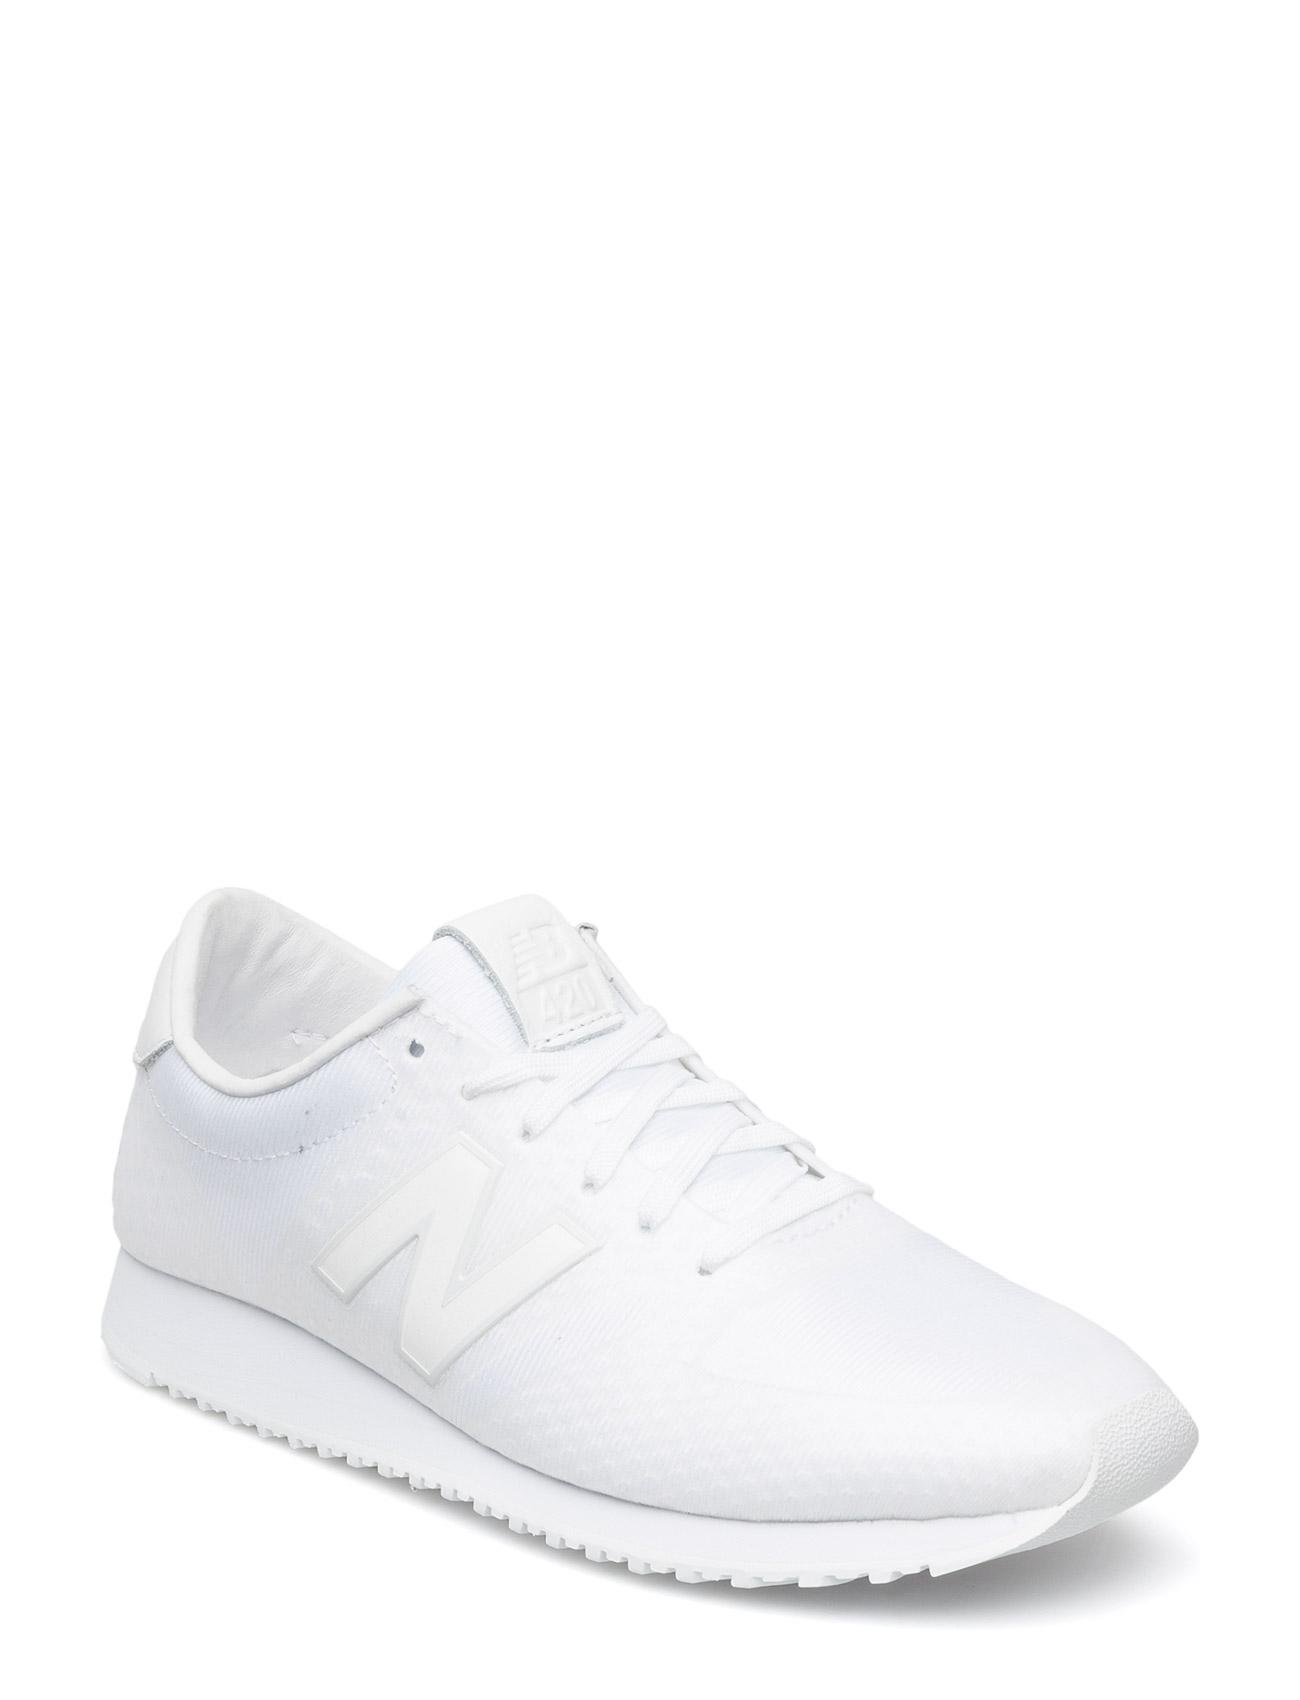 Wl420dfe New Balance Sneakers til Kvinder i hvid